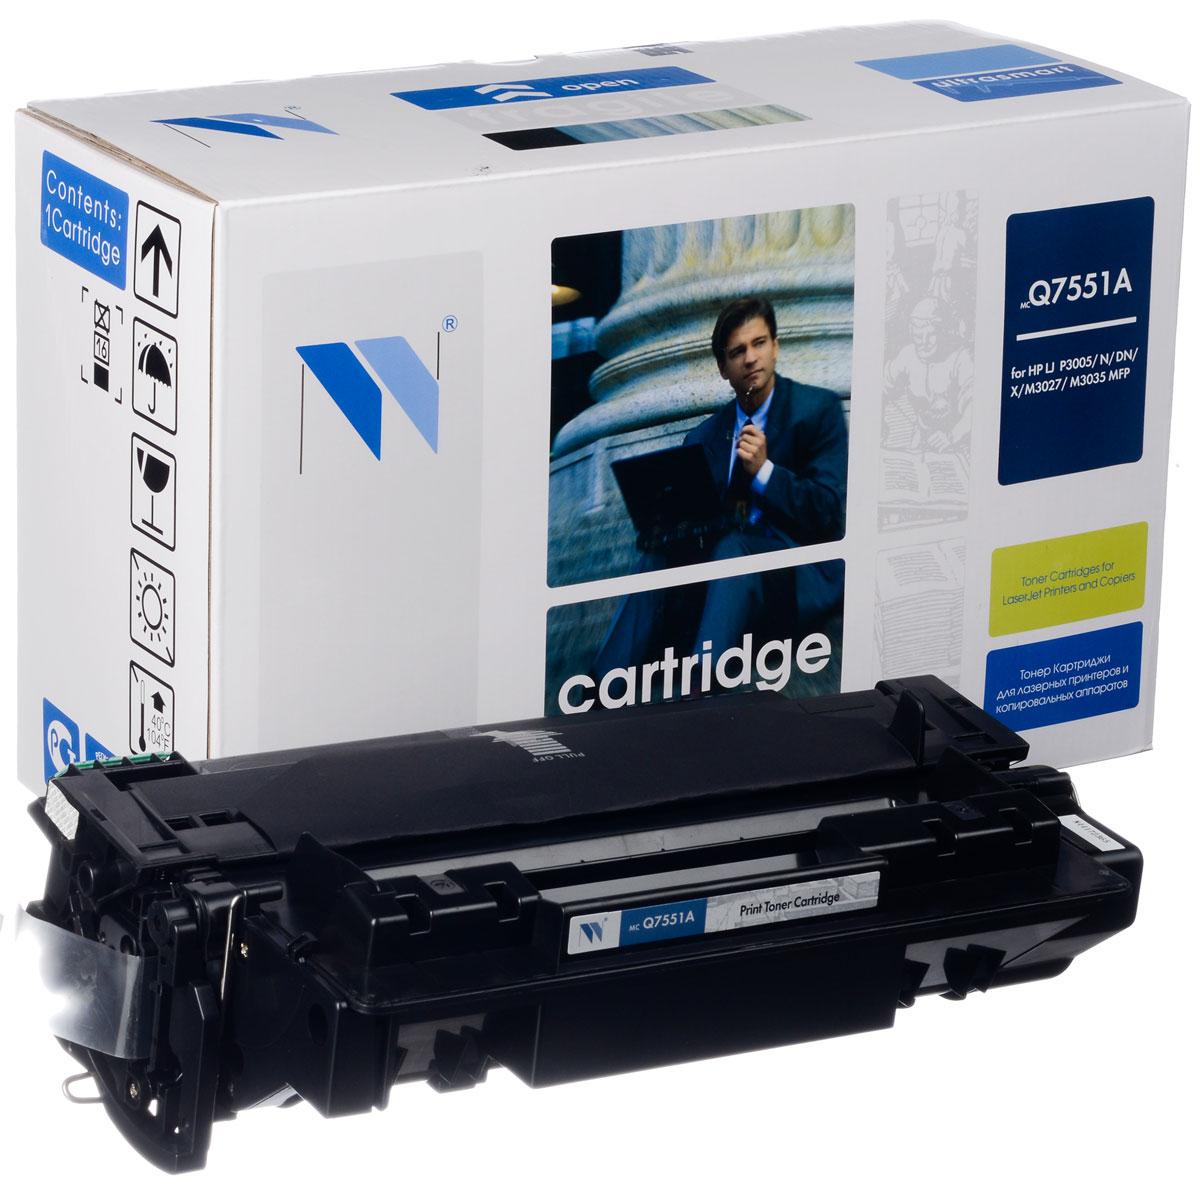 NV Print Q7551A, Black тонер-картридж для HP LaserJet P3005/M3027mpf/M3035mpfNV-Q7551AСовместимый лазерный картридж NV Print Q7551A для печатающих устройств HP - это альтернатива приобретению оригинальных расходных материалов. При этом качество печати остается высоким. Картридж обеспечивает повышенную чёткость чёрного текста и плавность переходов оттенков серого цвета и полутонов, позволяет отображать мельчайшие детали изображения.Лазерные принтеры, копировальные аппараты и МФУ являются более выгодными в печати, чем струйные устройства, так как лазерных картриджей хватает на значительно большее количество отпечатков, чем обычных. Для печати в данном случае используются не чернила, а тонер.